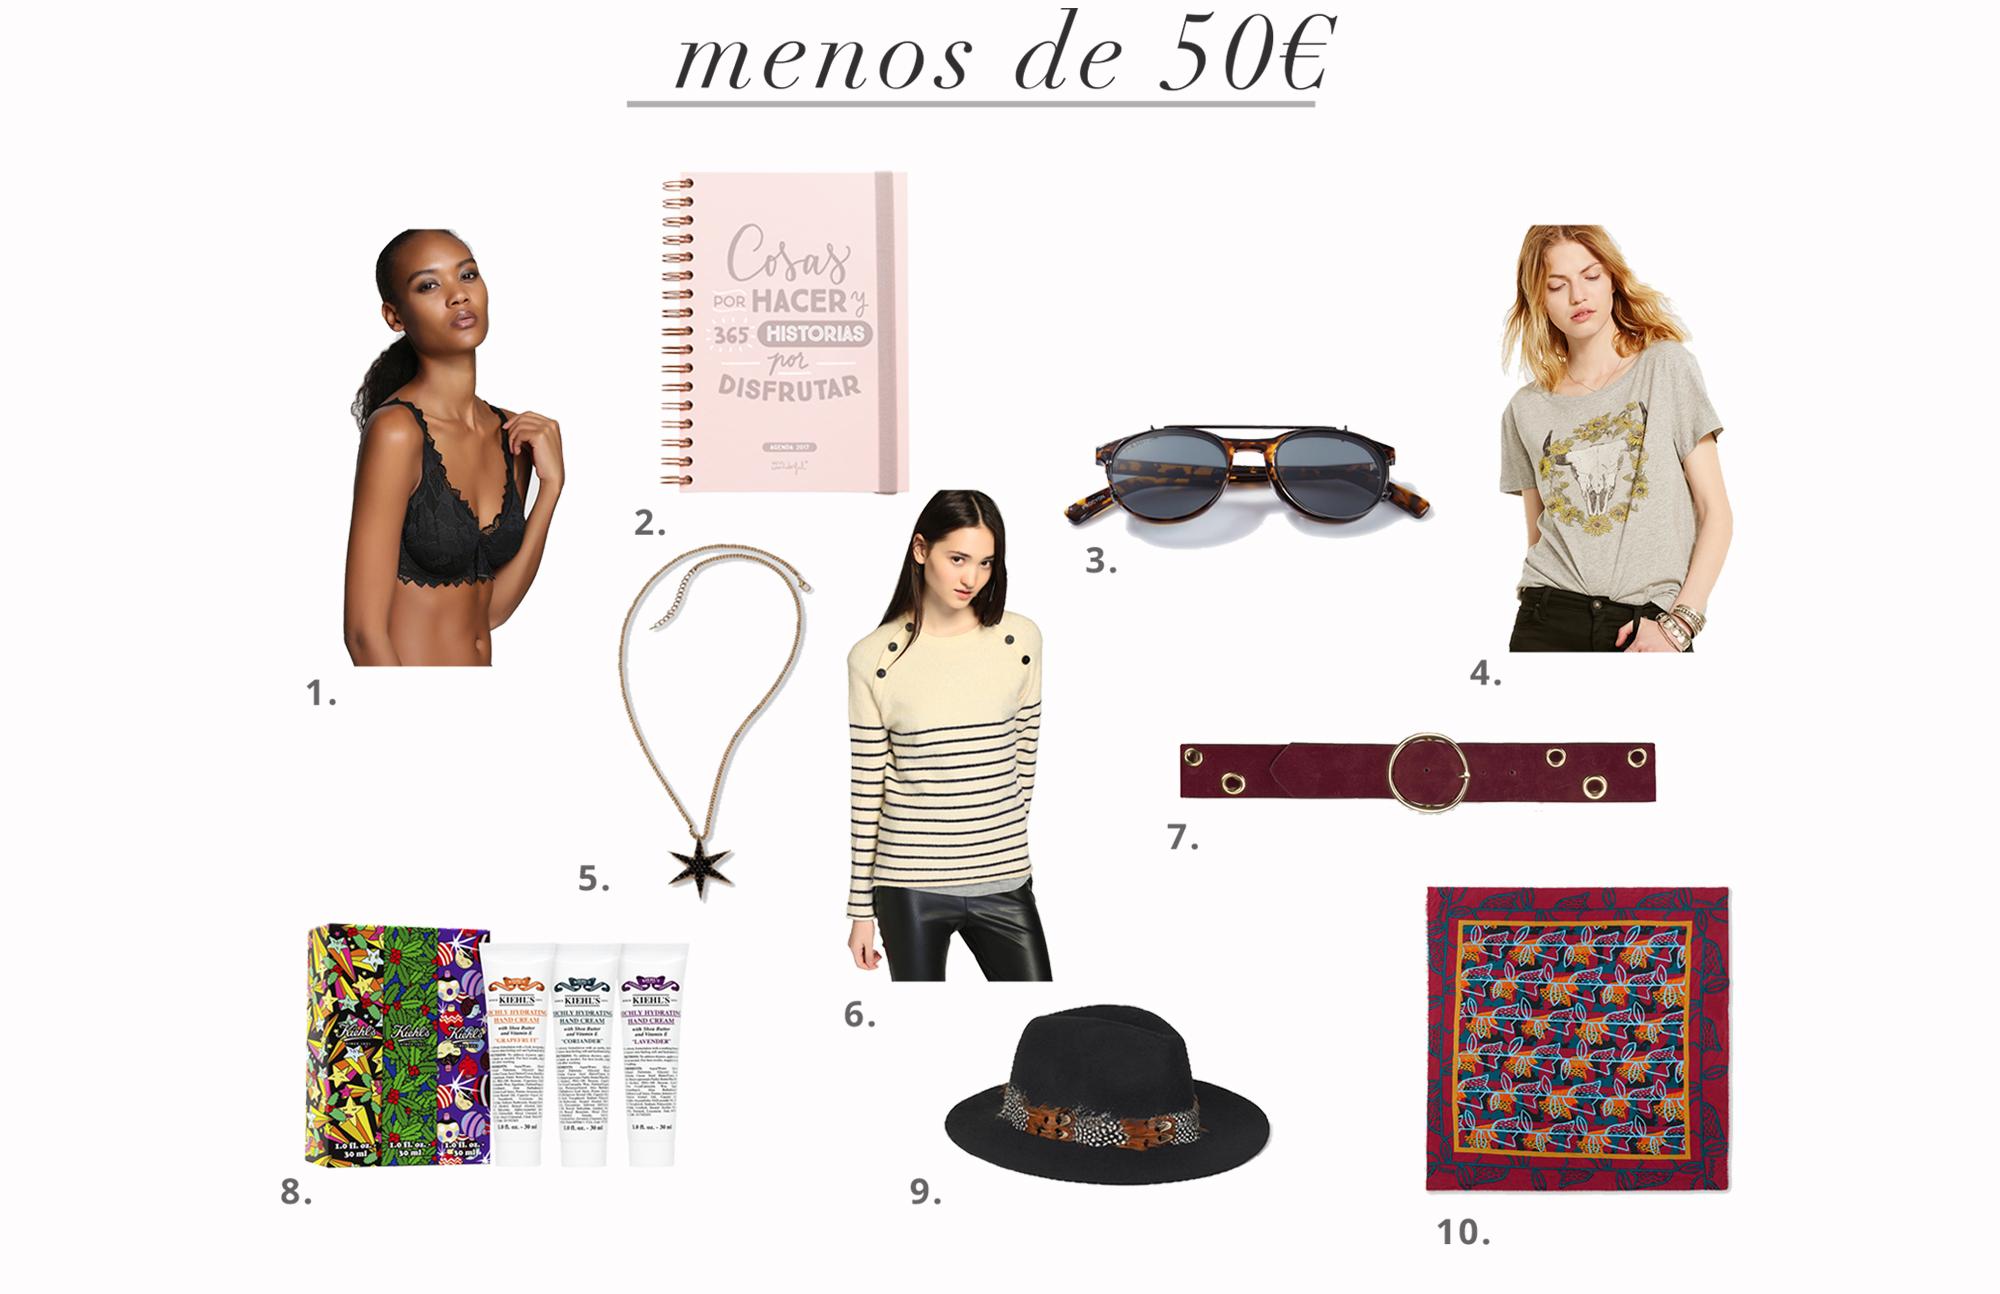 Ideasregalosnavidad_menos50euros_elcorteingles